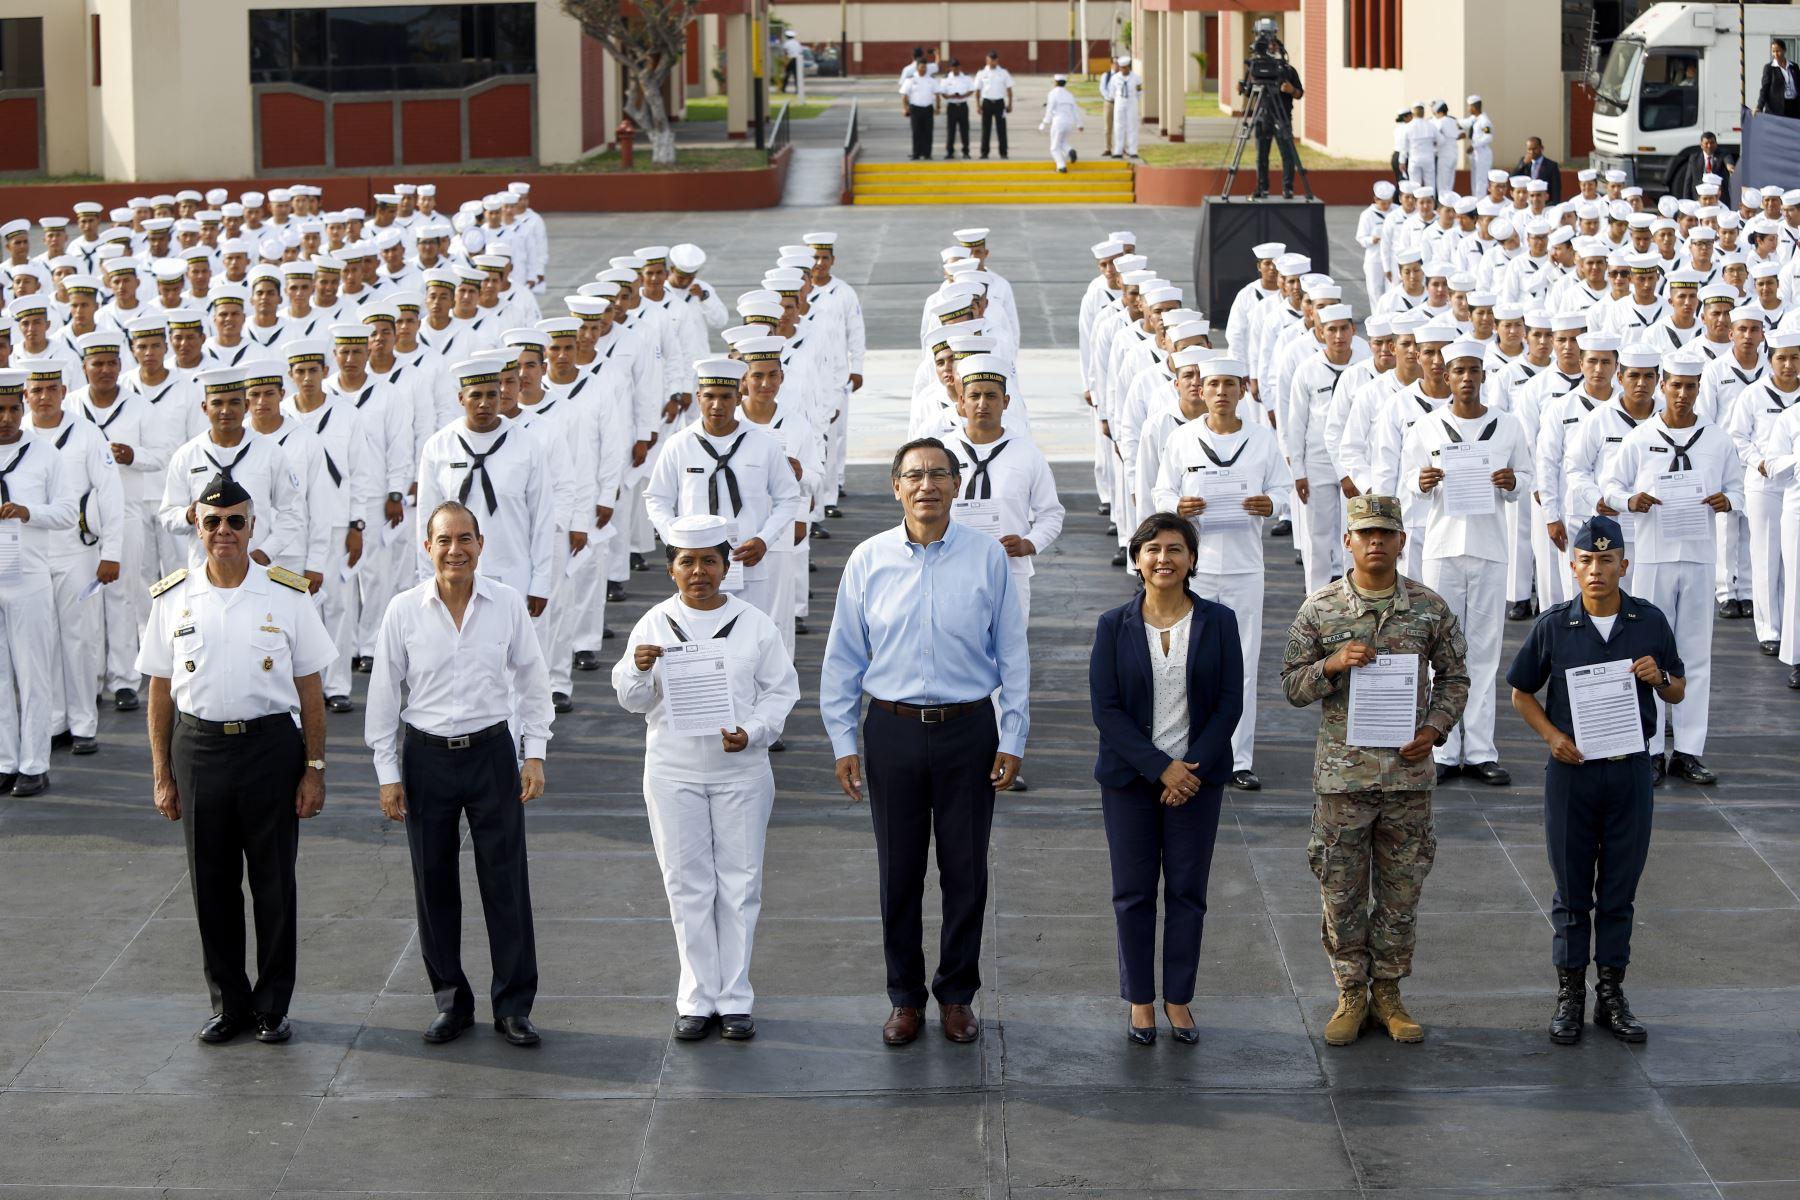 El presidente Martín Vizcarra participó en la clausura y entrega del Certificado Único Laboral para jóvenes, Certijoven, a los miembros del Servicio Militar Voluntario de las Fuerzas Armada. Foto: ANDINA/ Prensa Presidencia